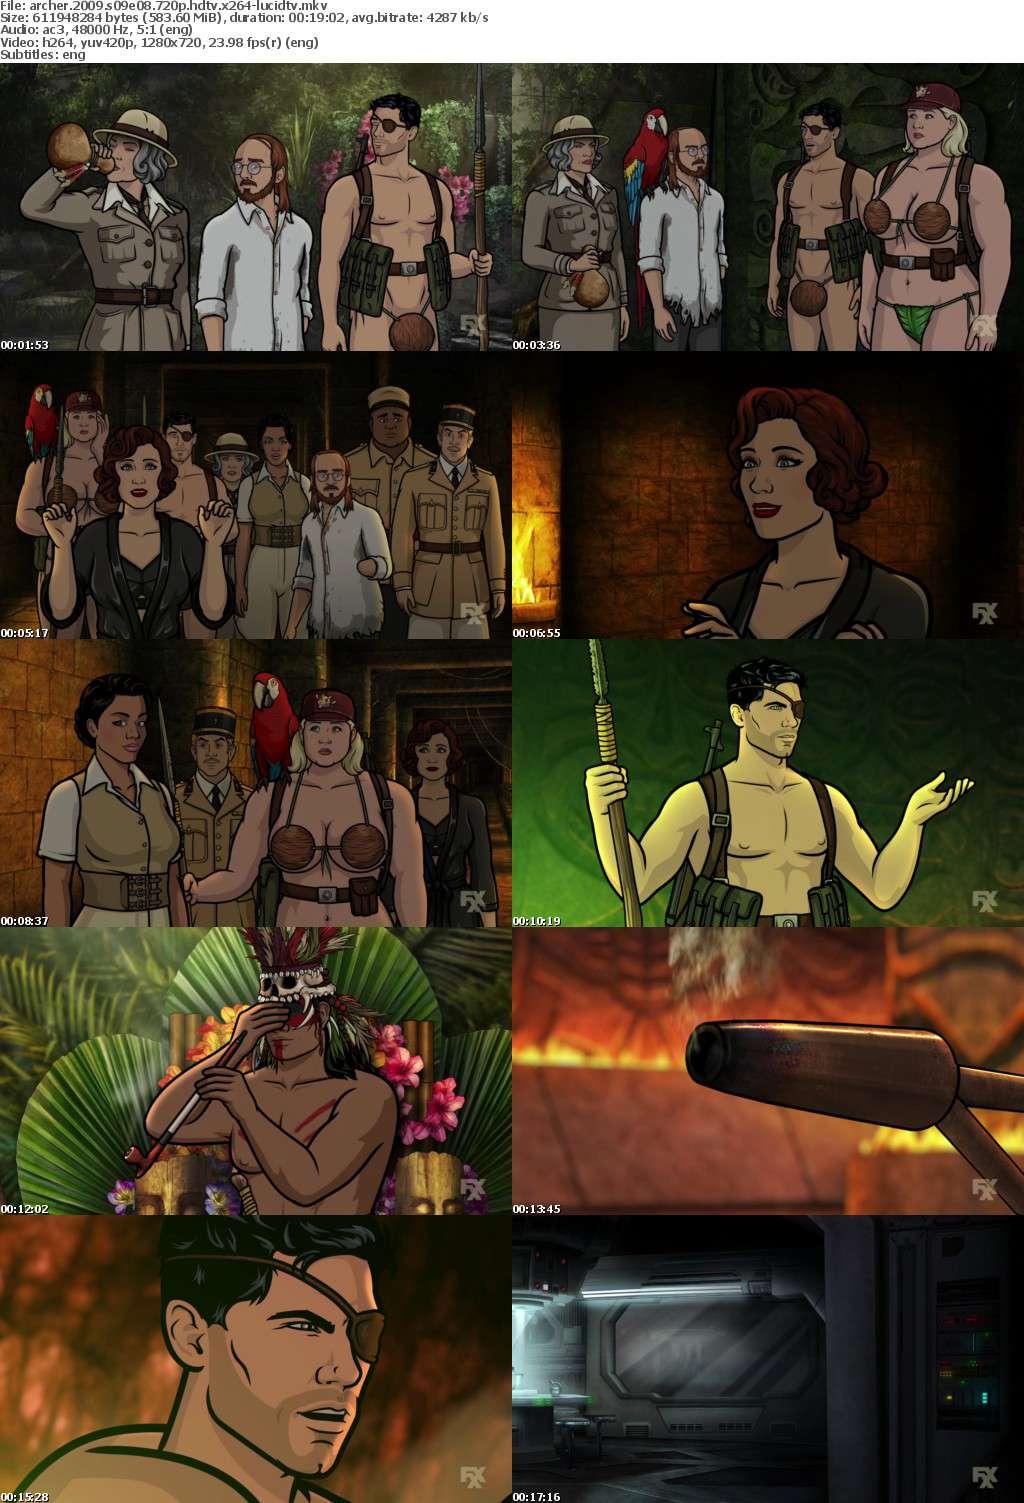 Archer 2009 S09E08 720p HDTV x264-LucidTV